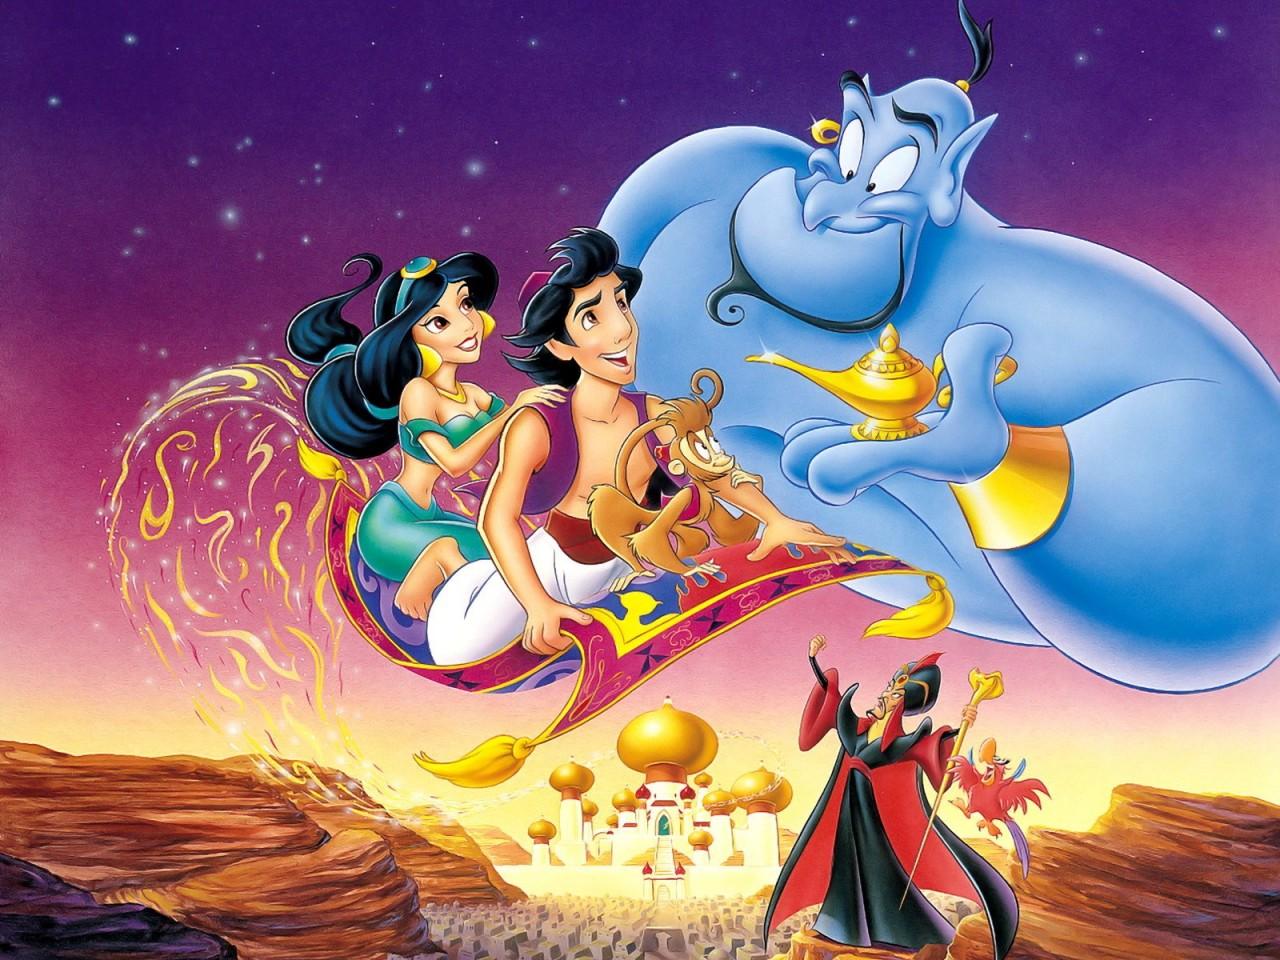 Disney представили новый трейлер «Аладдина» от Гая Ричи